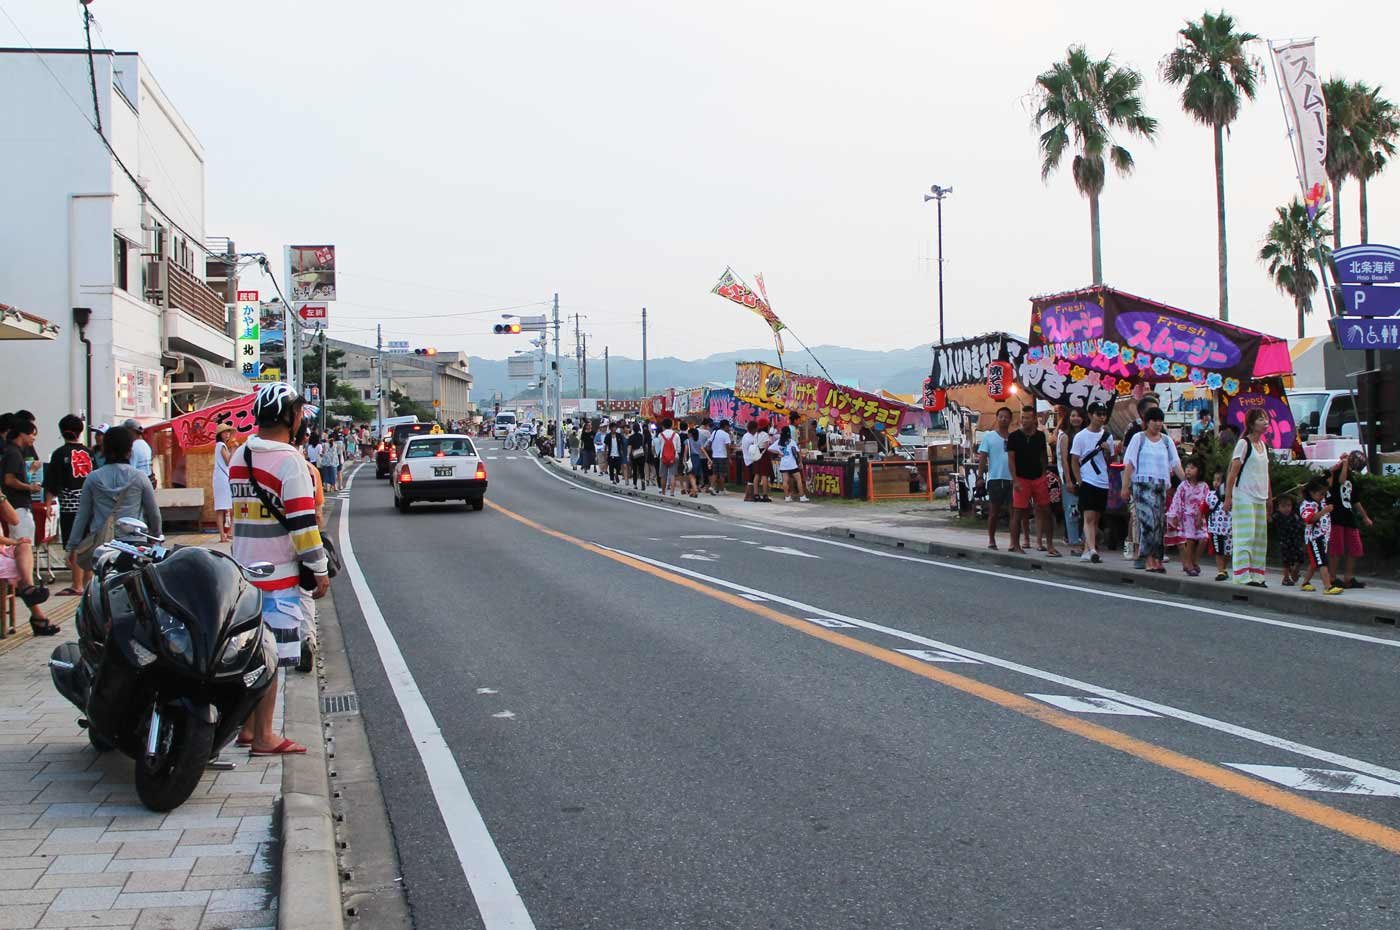 海岸通りに立ち並ぶ露天